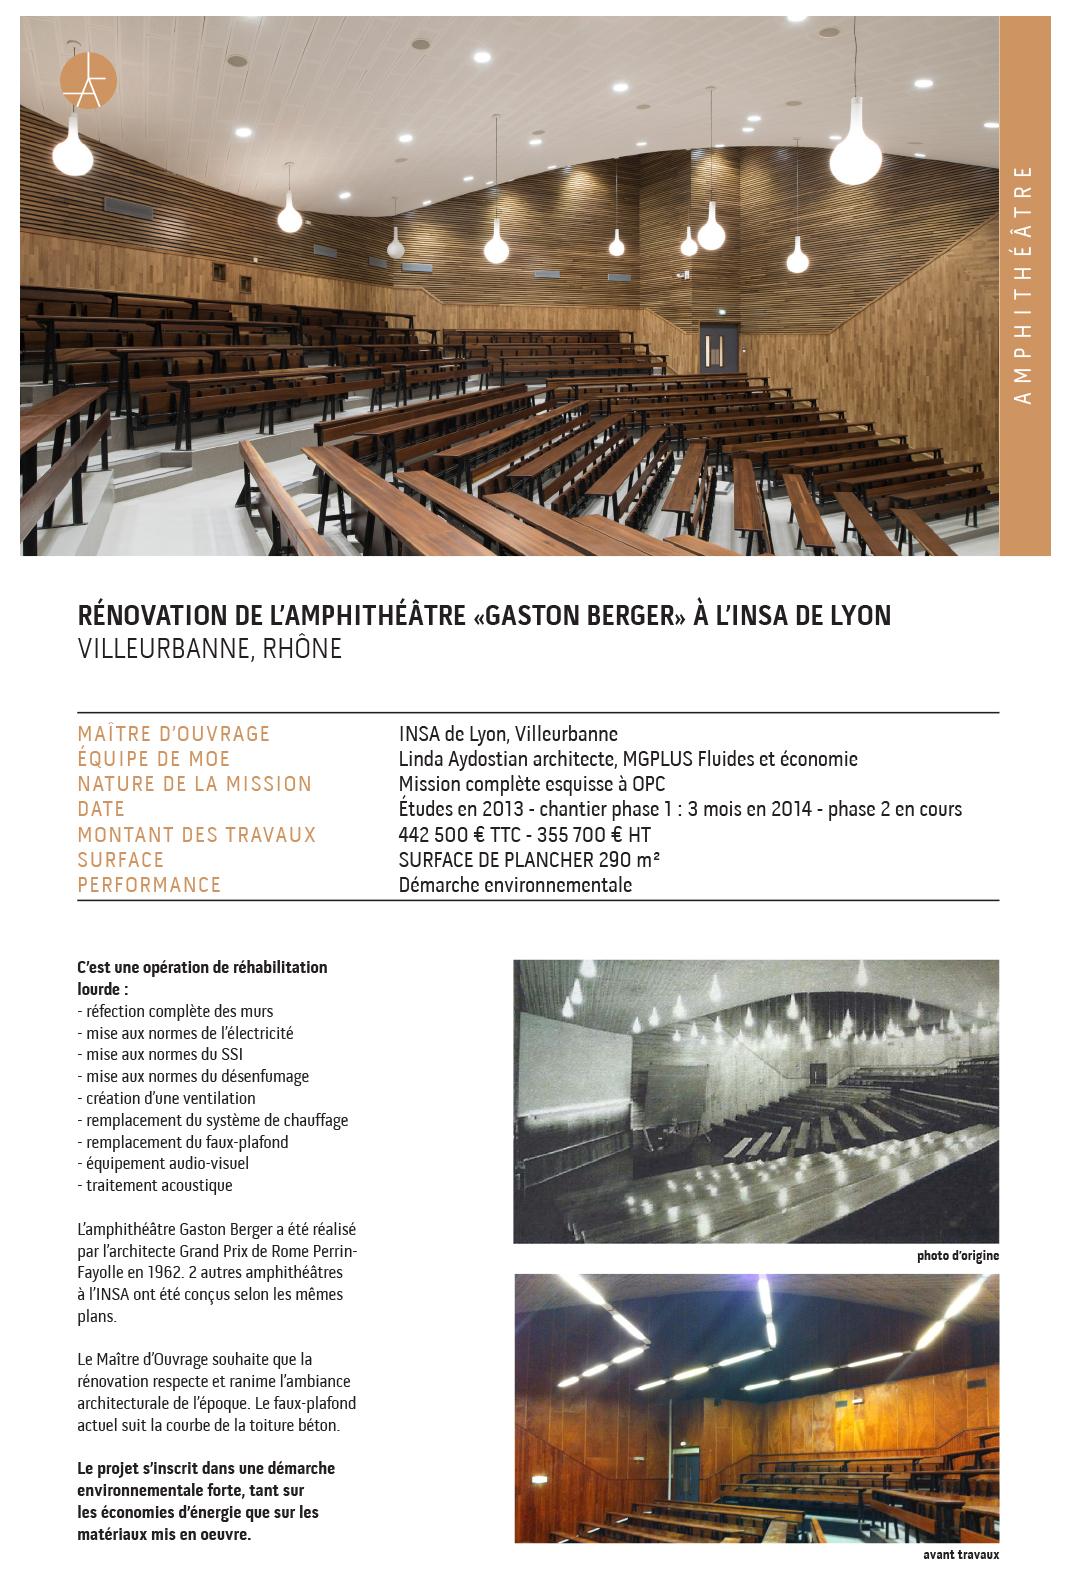 Amphithéâtre Gaston Berger